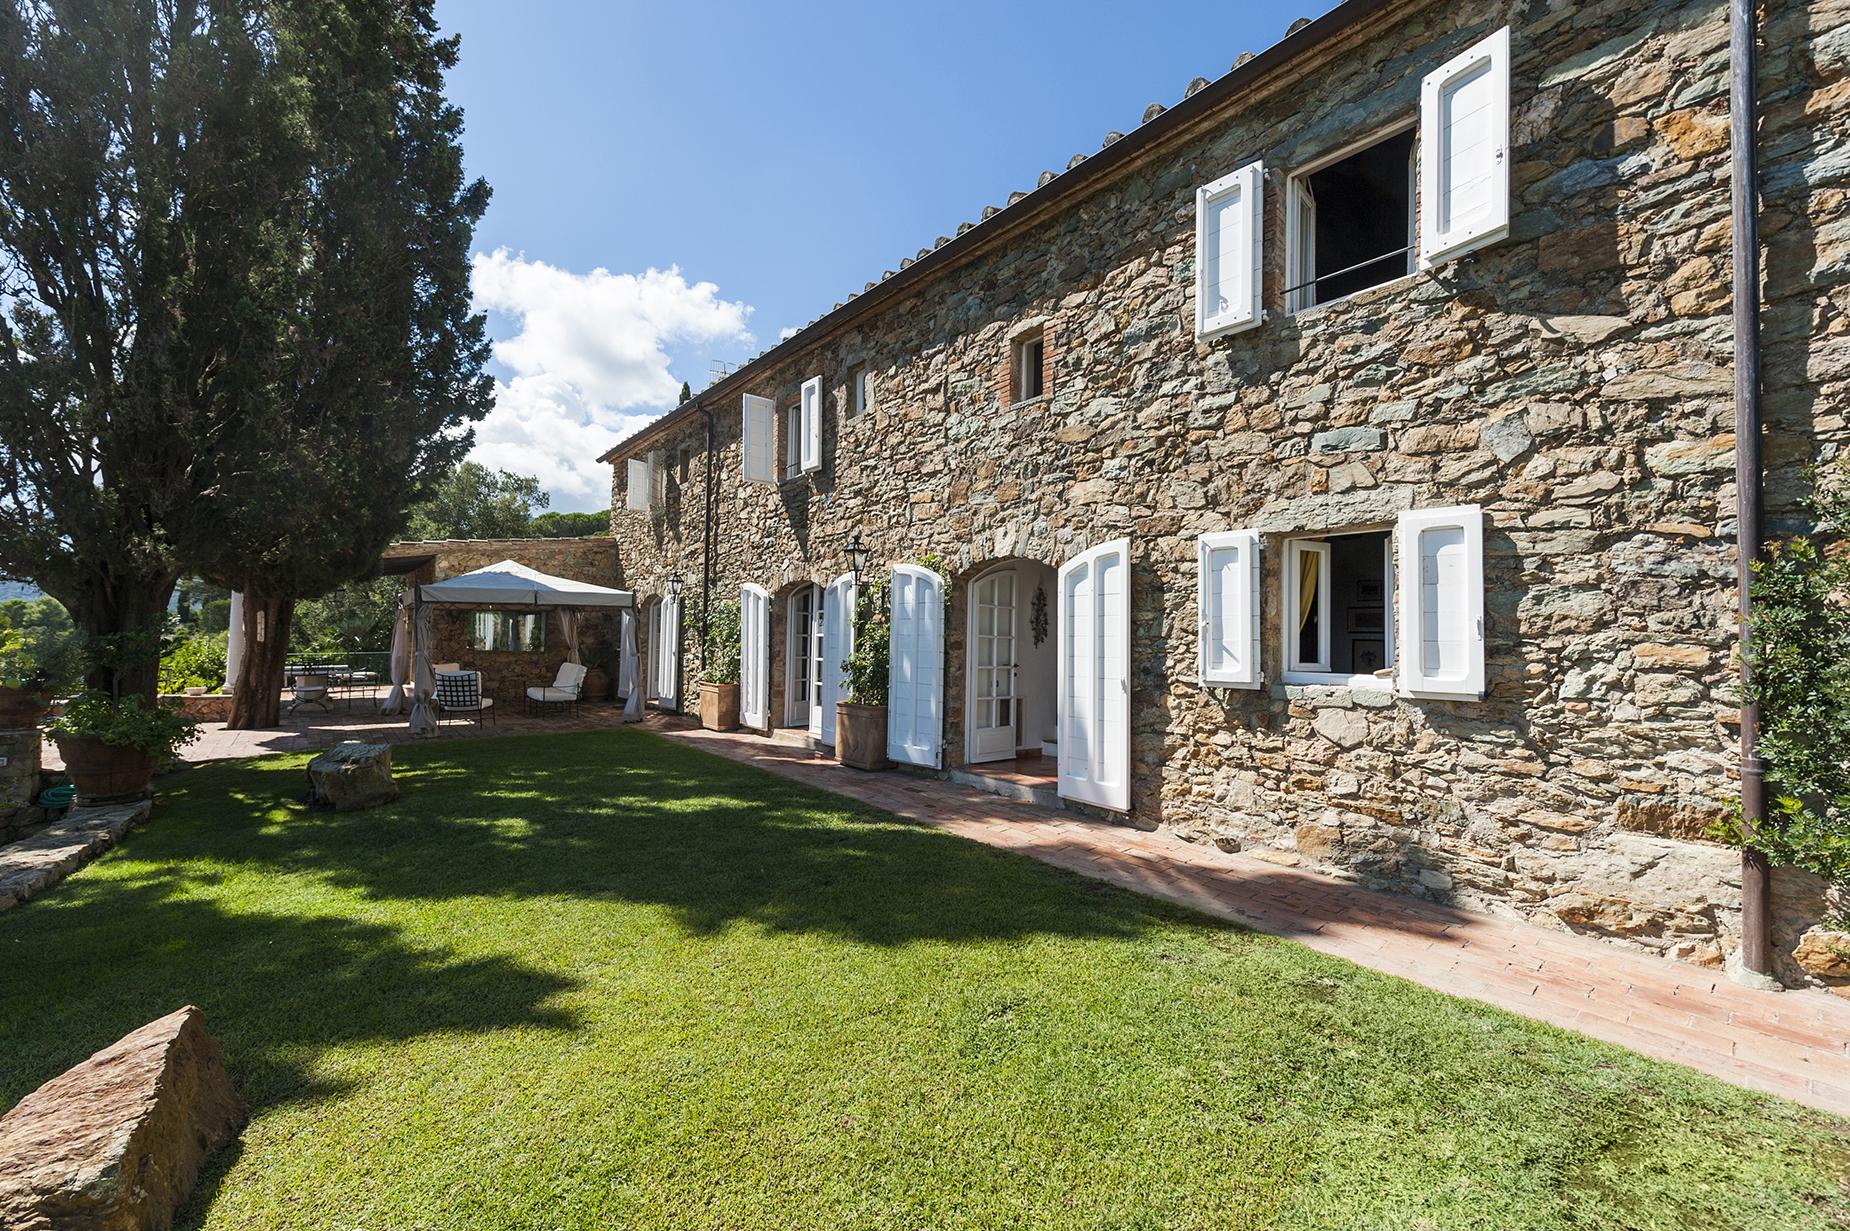 Villa in Vendita a Monte Argentario: 5 locali, 400 mq - Foto 10